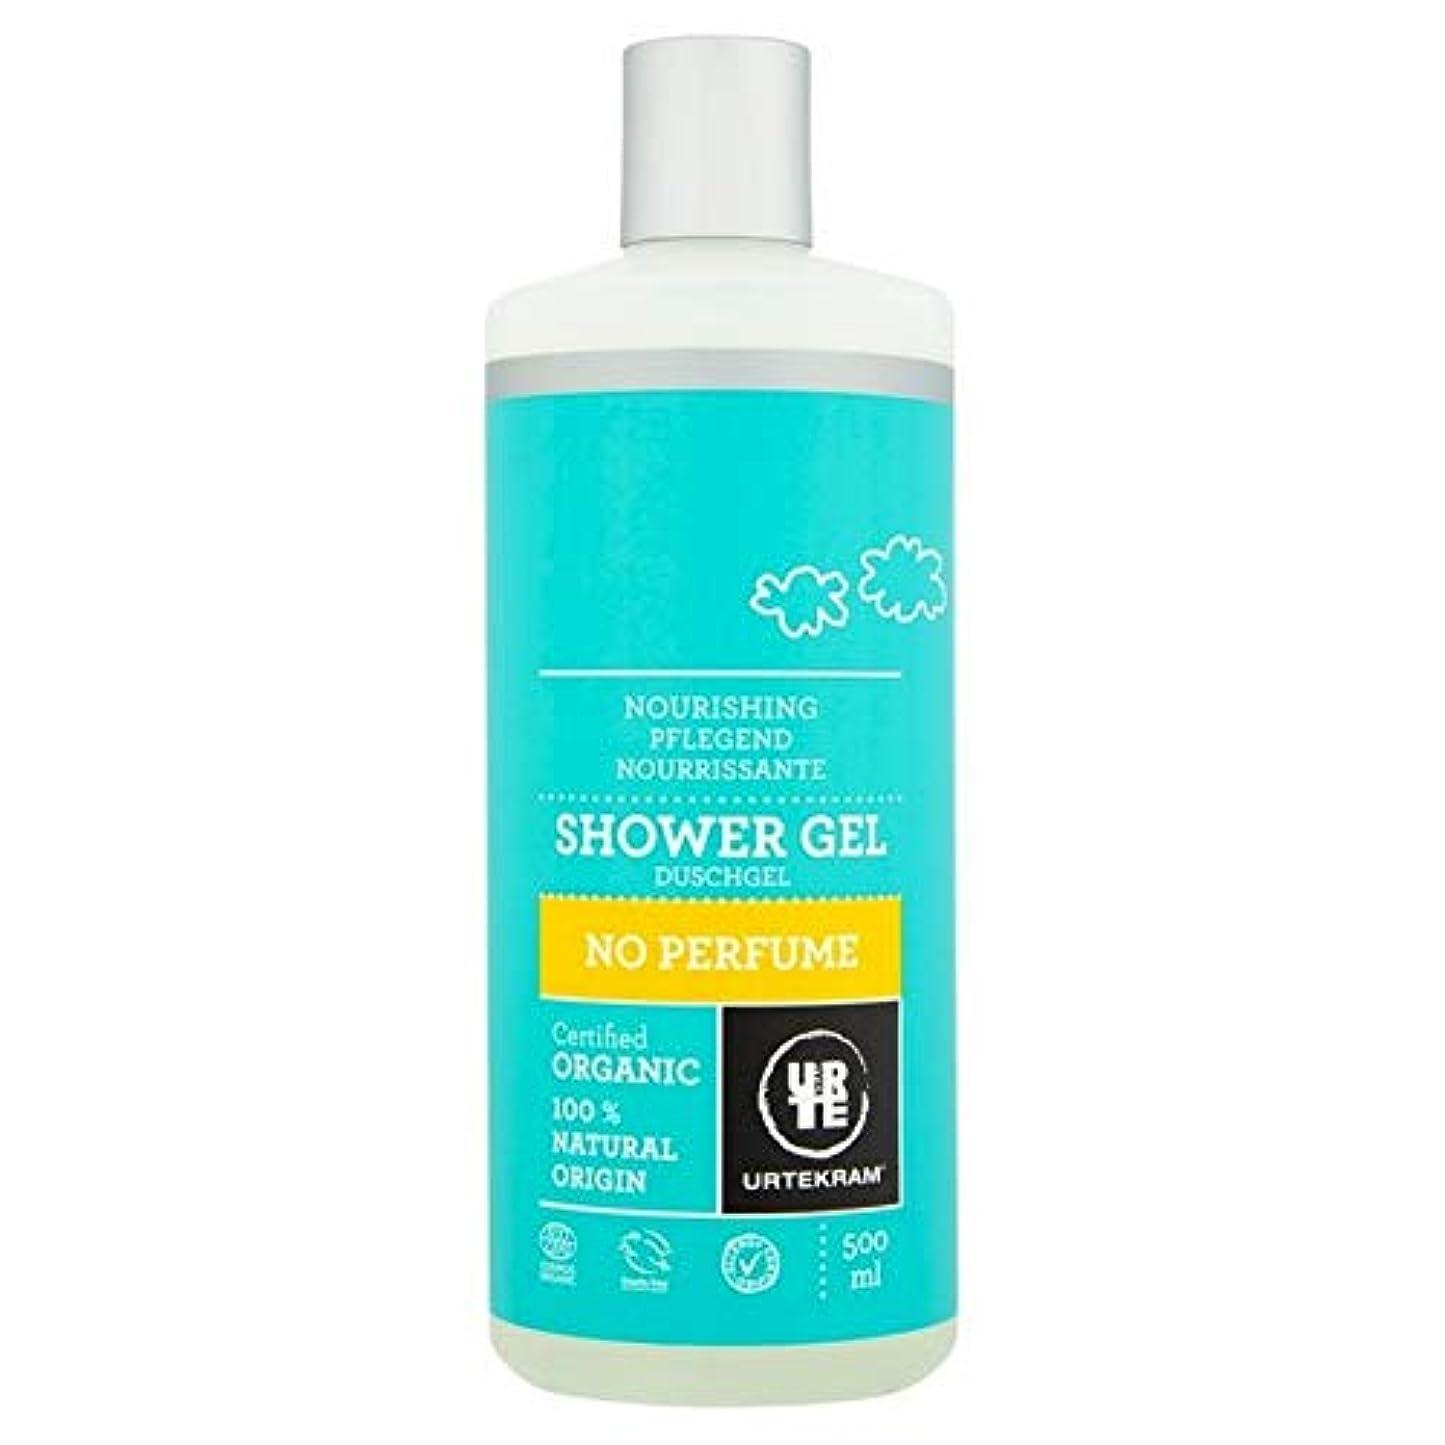 ぐるぐる保全いう[Urtekram] 何の香水シャワージェル500ミリリットルをUrtekramありません - Urtekram No Perfume Shower Gel 500ml [並行輸入品]